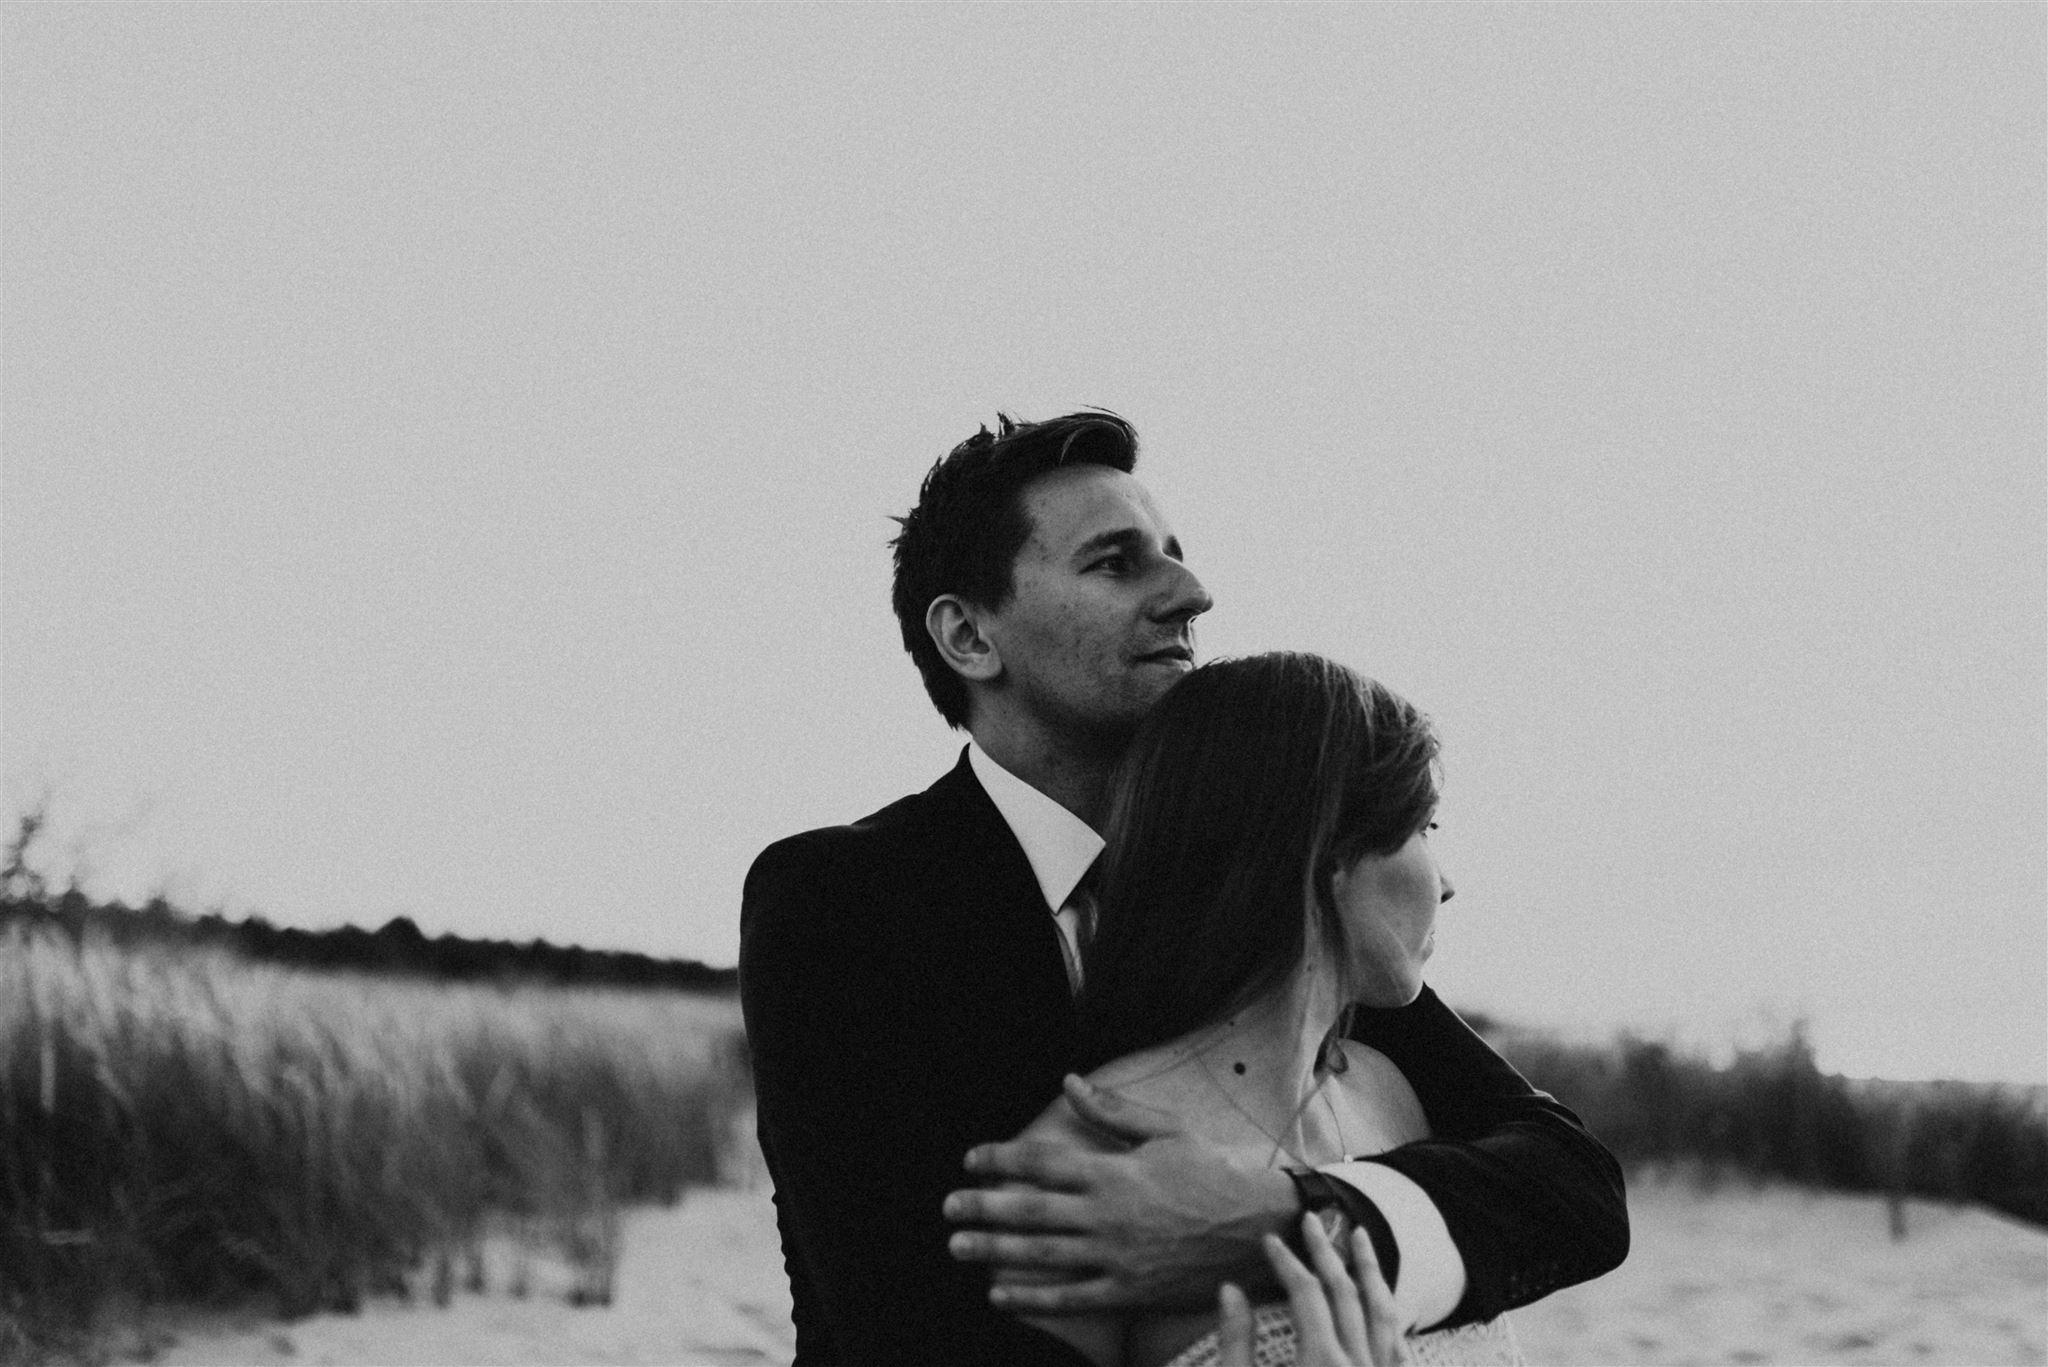 Nasza osobista sesja poślubna! 7 DSC 6480 2 websize